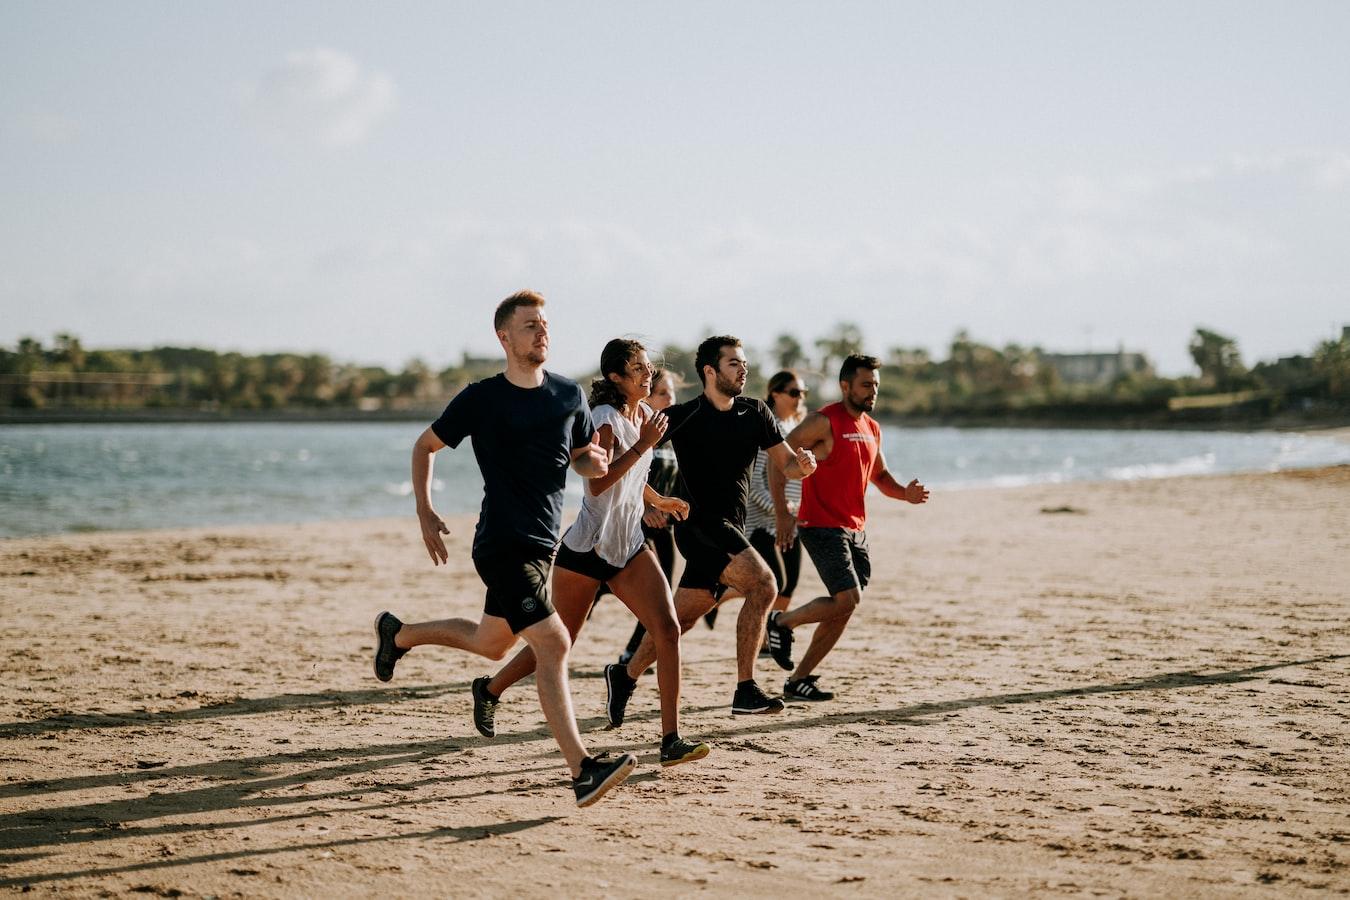 跑步知識/如何完成10公里路跑?給新手的 6 大訓練觀念